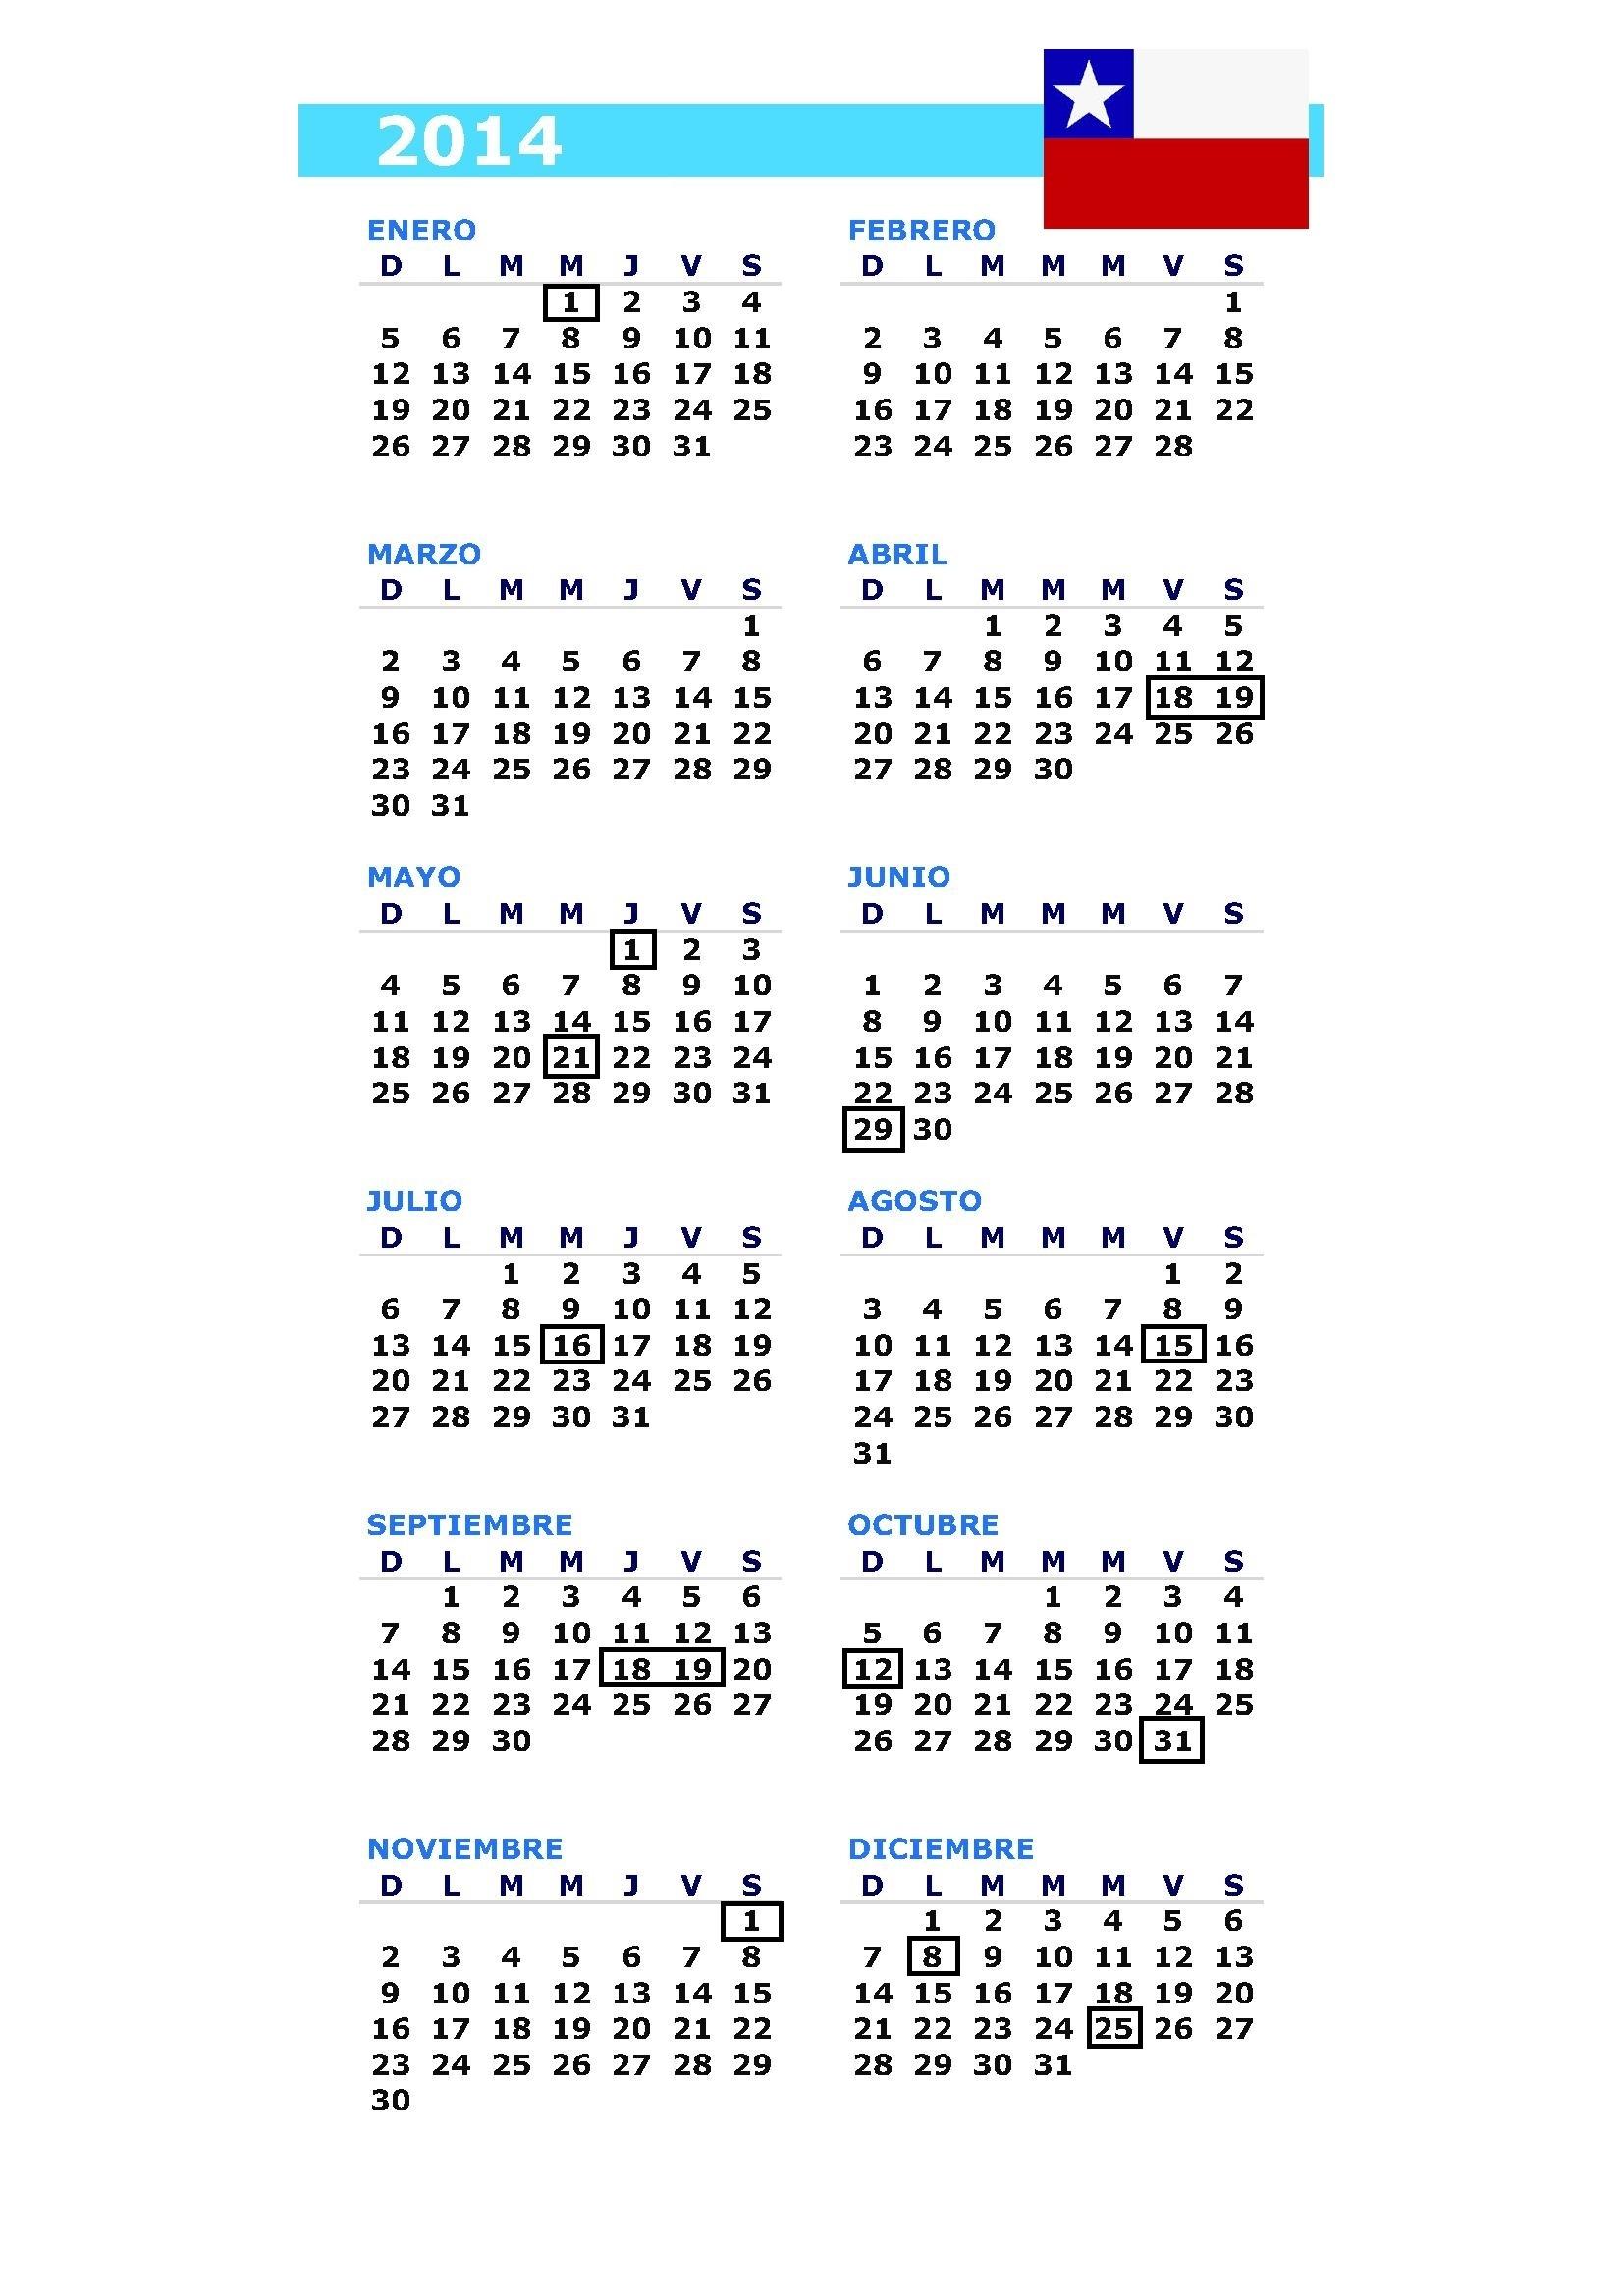 Calendario 2014 En Chile: Días Feriados Y Laborables within Calendarios 17 Feriados En Chile